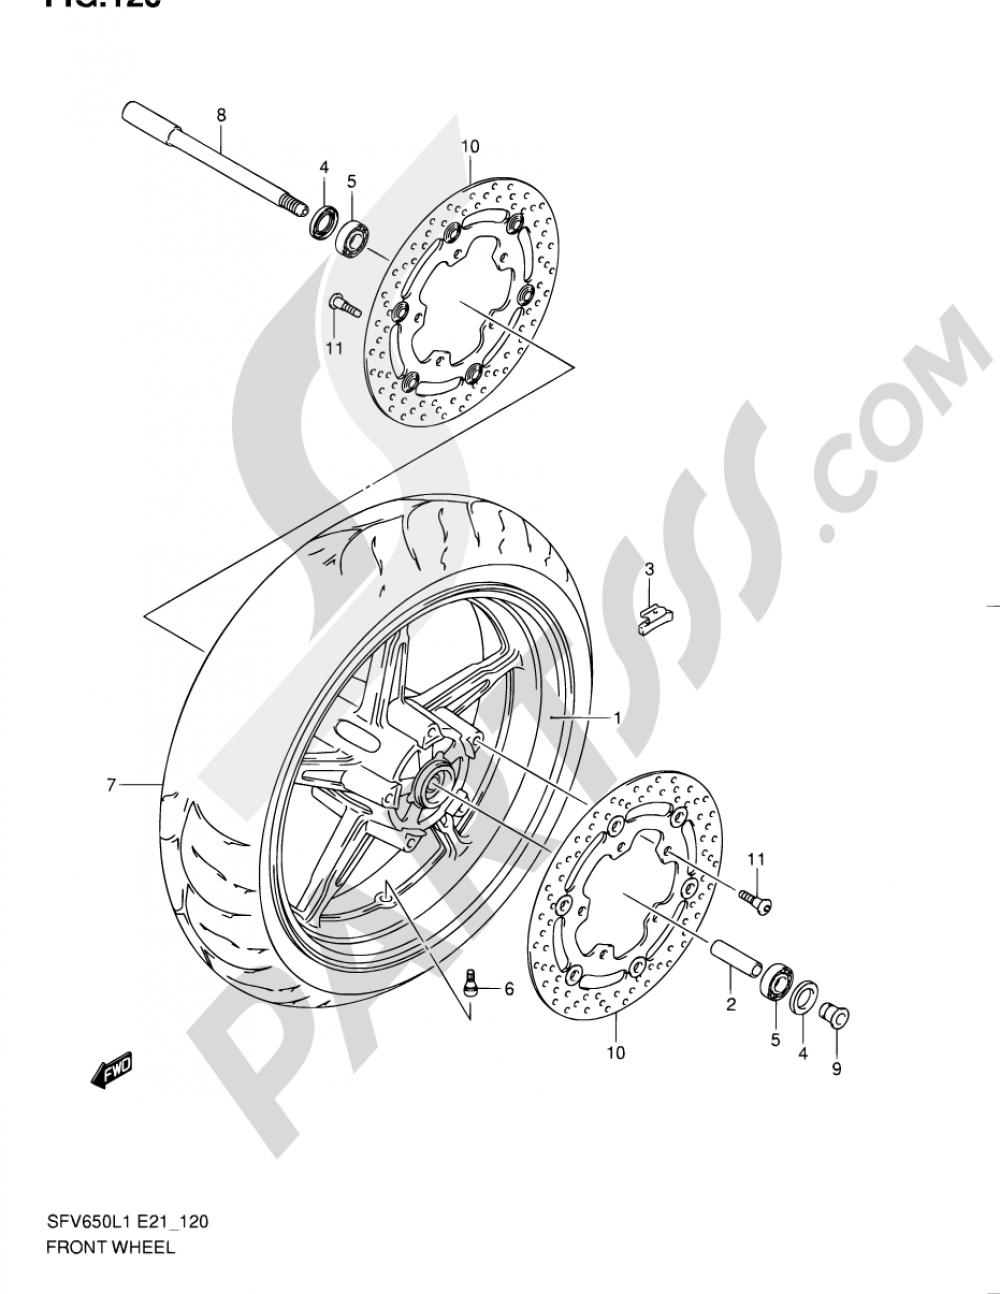 120 - FRONT WHEEL (SFV650UL1 E24) Suzuki GLADIUS SFV650A 2011